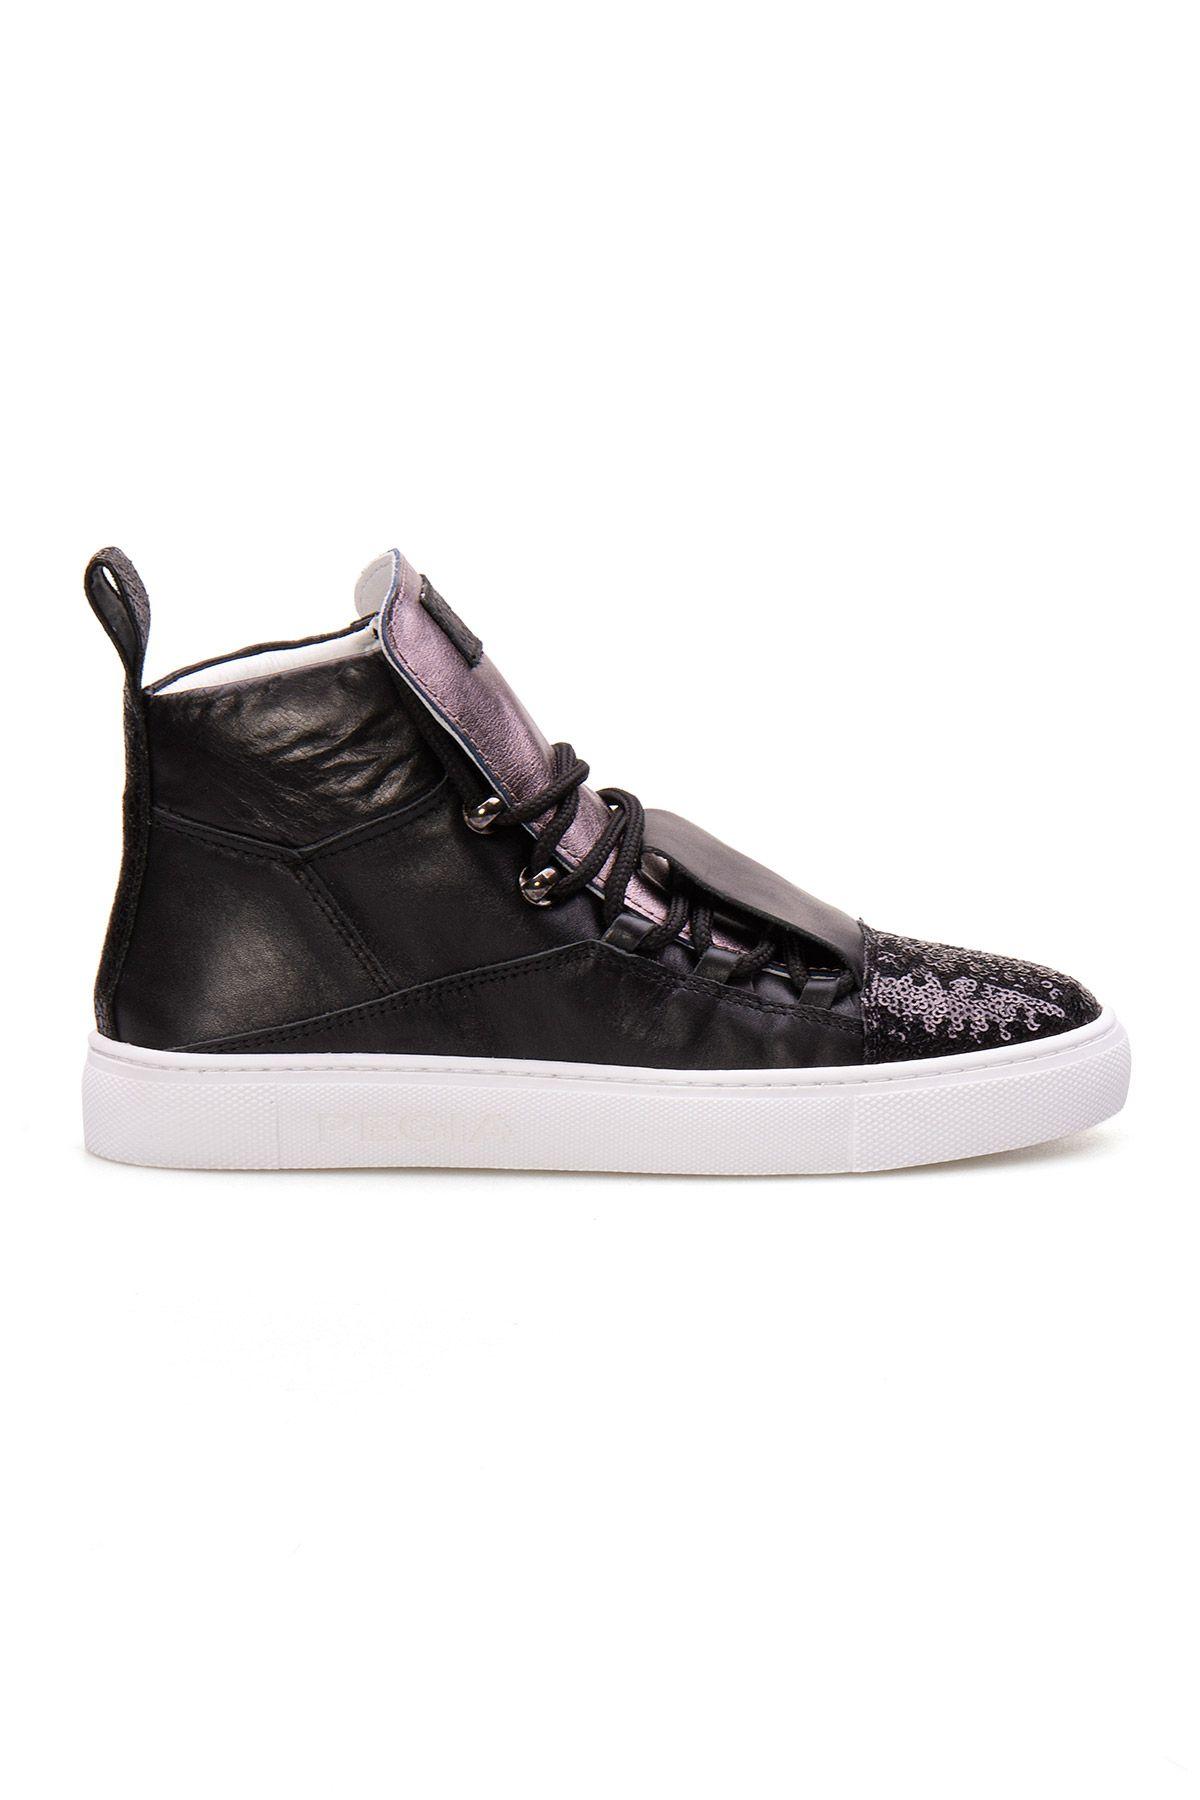 Pegia Genuine Leather Women's Sneaker LA1304 Black